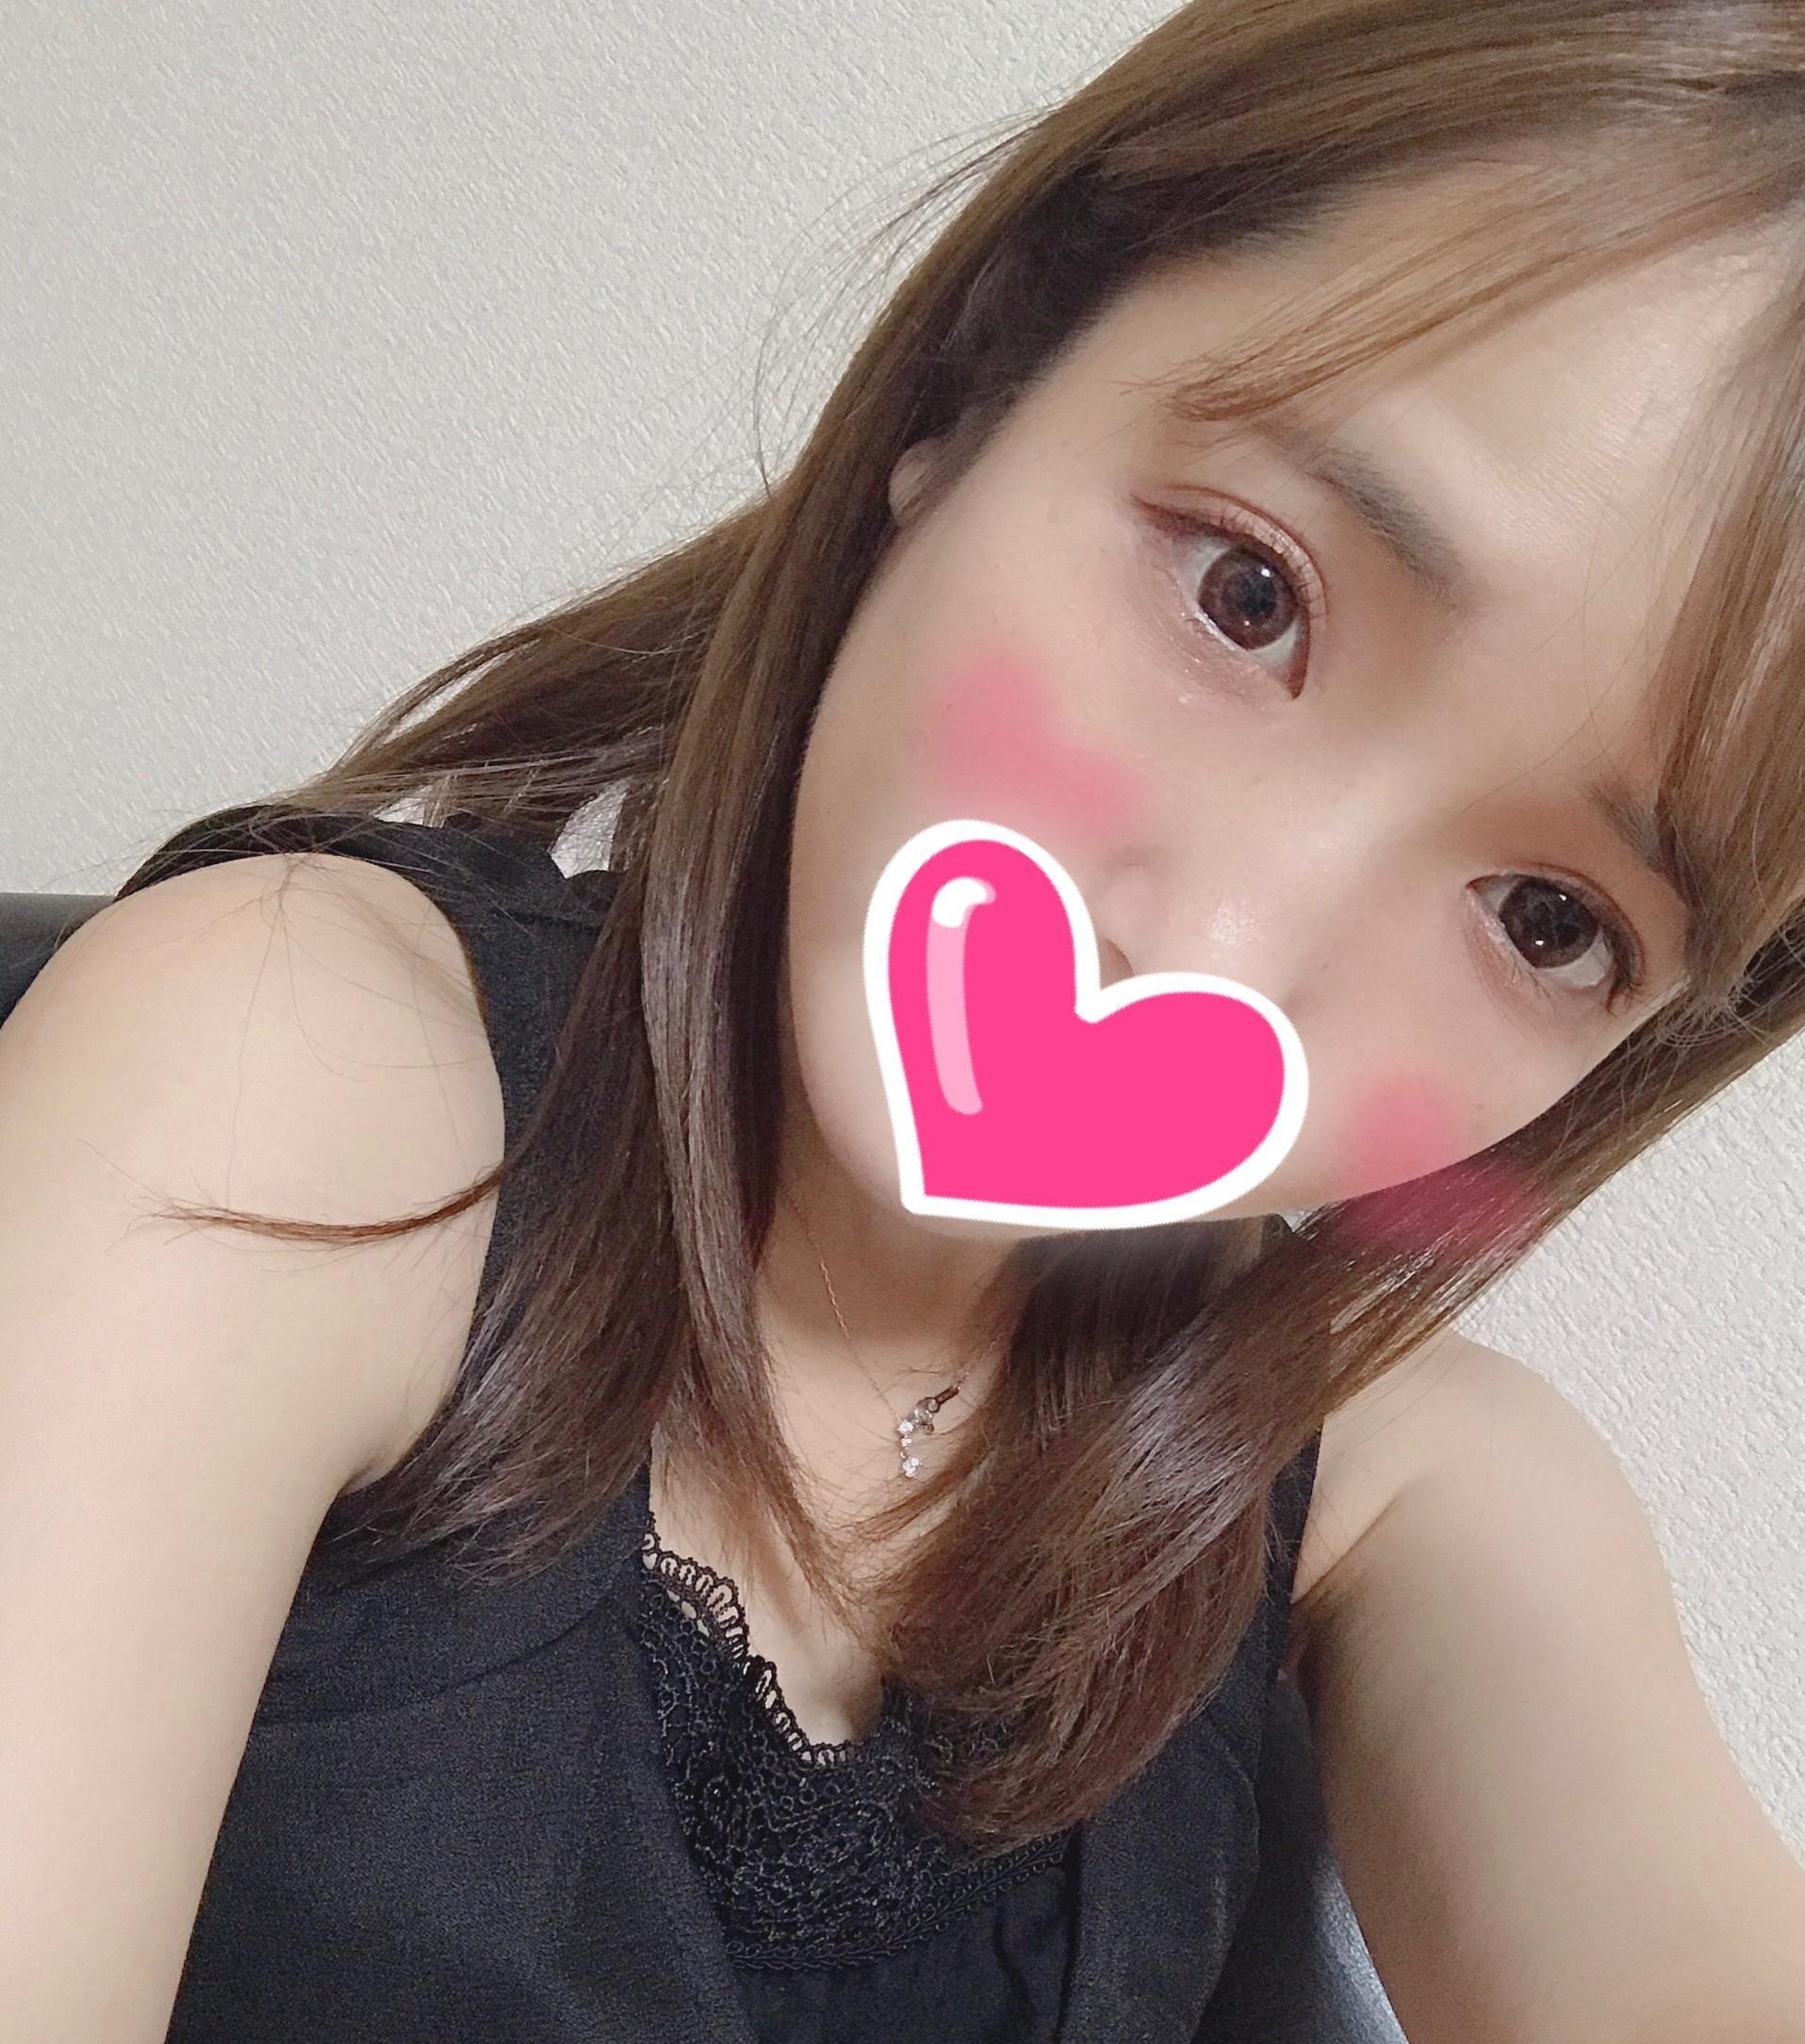 「Hさん♡」07/19(07/19) 20:29 | あすかの写メ・風俗動画